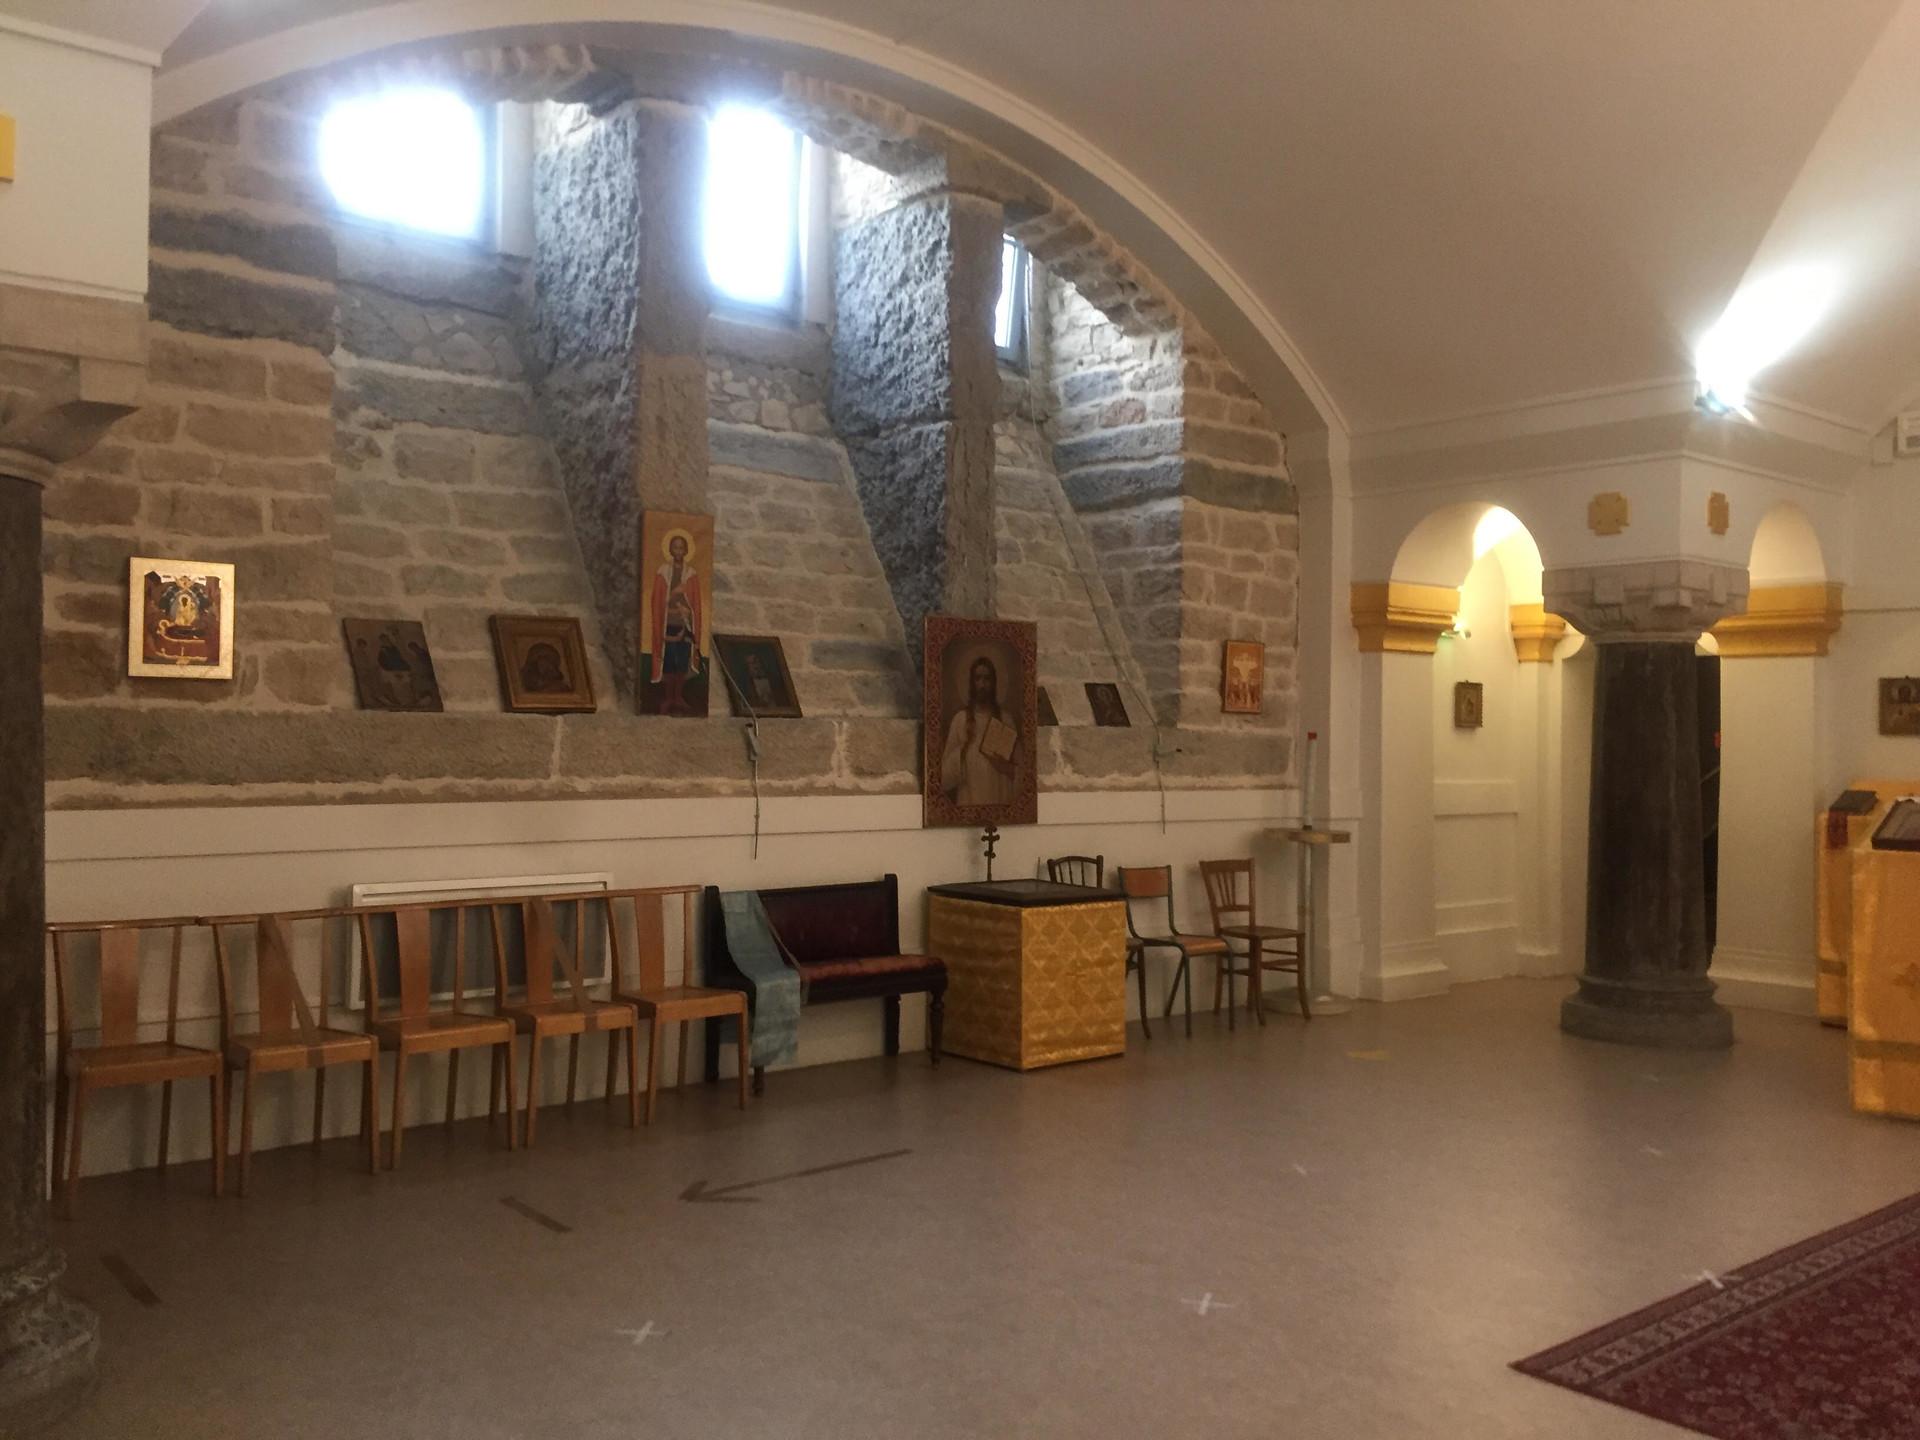 Paroisse de la Protection de la Vierge Marie dans la chapelle St-Joseph des Brotteaux